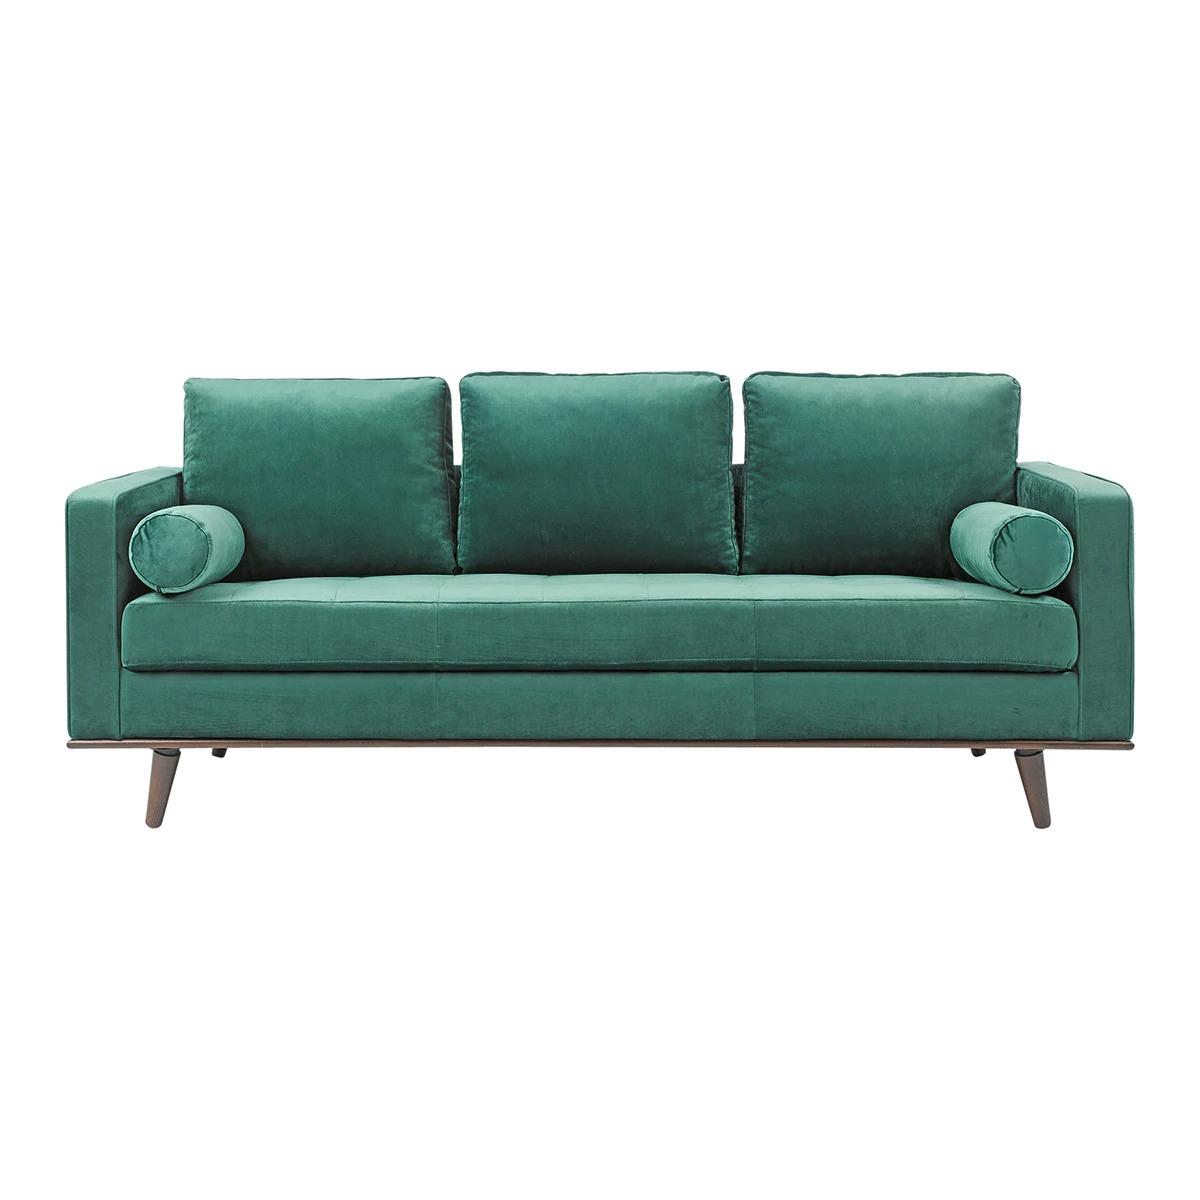 Coimbra 3 seater upholstered velvet sofa